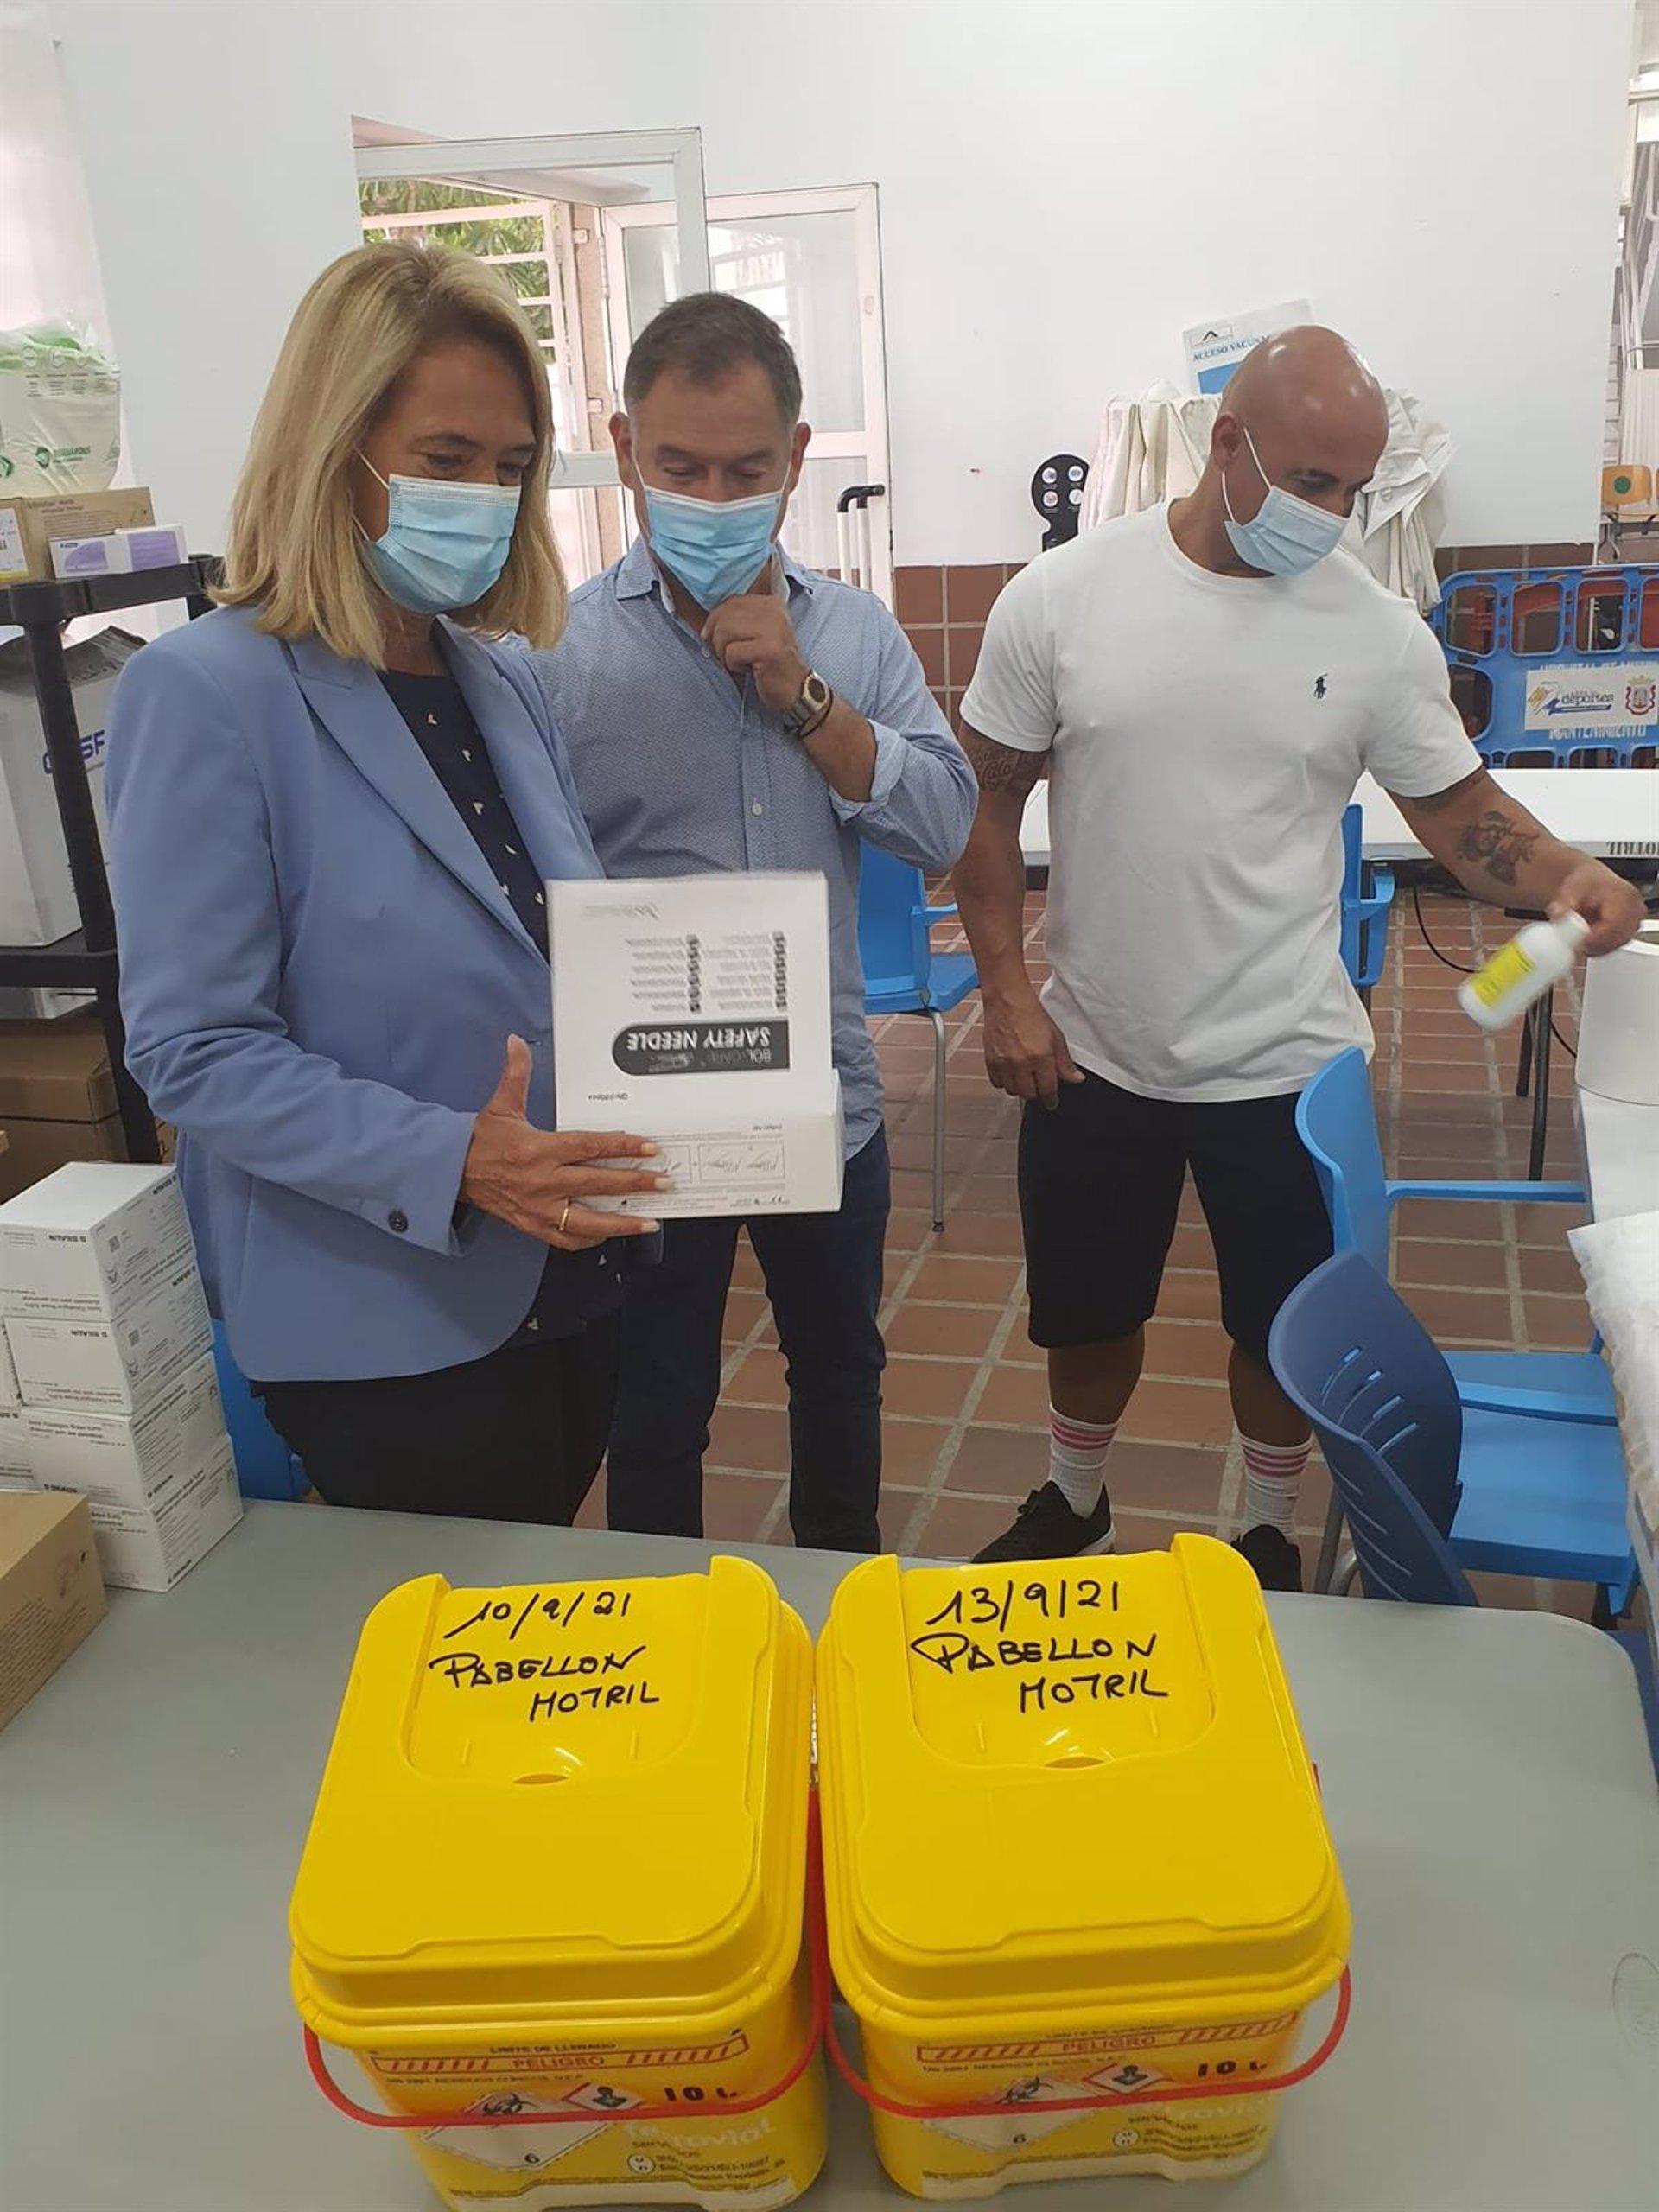 Cierra en Motril el punto de vacunación masiva, donde se suministraron unas 68.000 dosis